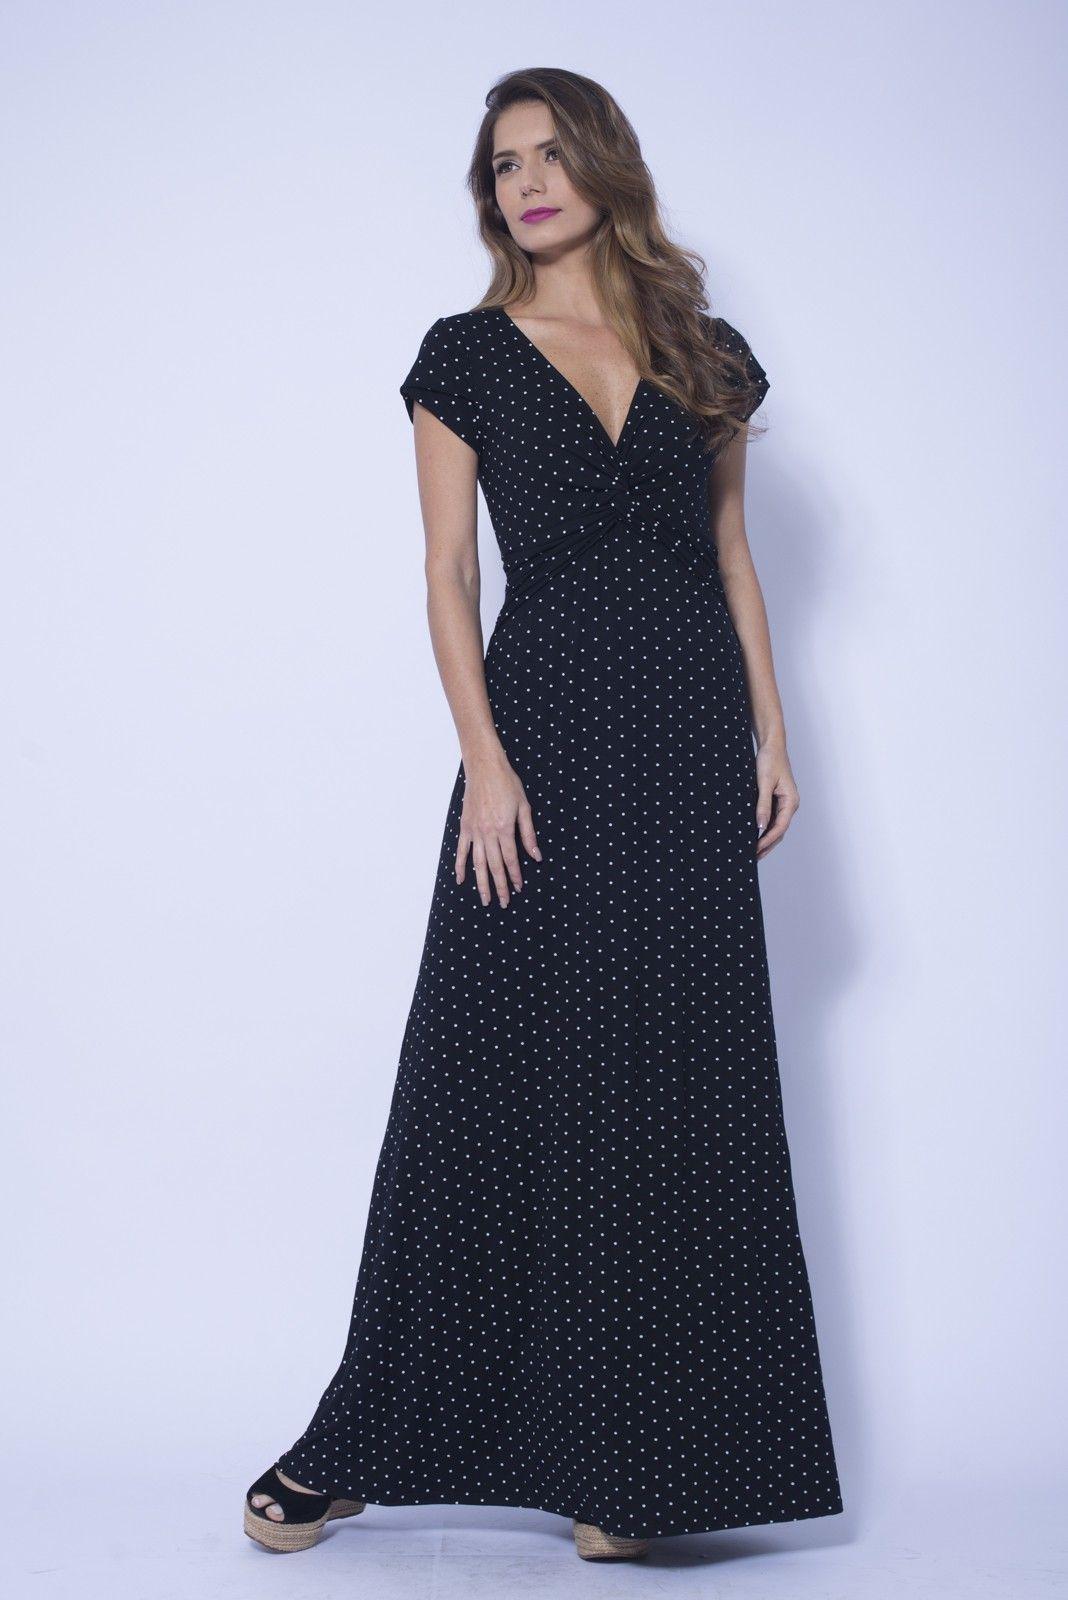 ae3c9a5735 vestido-longo-viscolycra-manga-curta-poa-ref039364